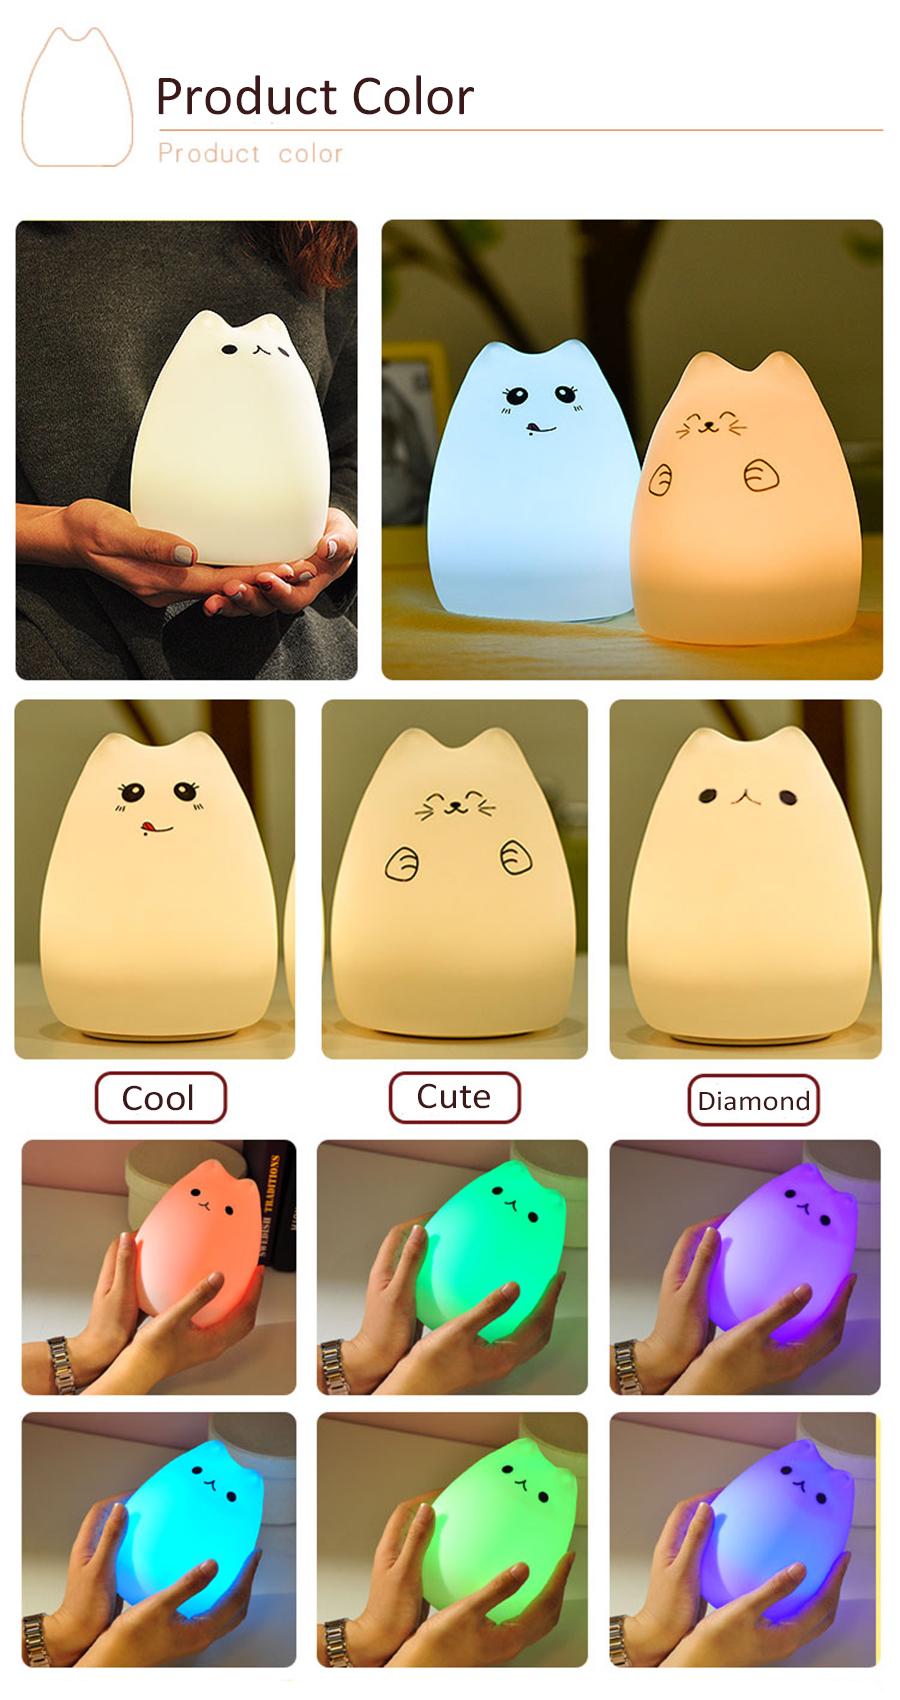 HTB1wI9ASpXXXXXCXpXXq6xXFXXXG - Lampka Silikonowa Kitty LED